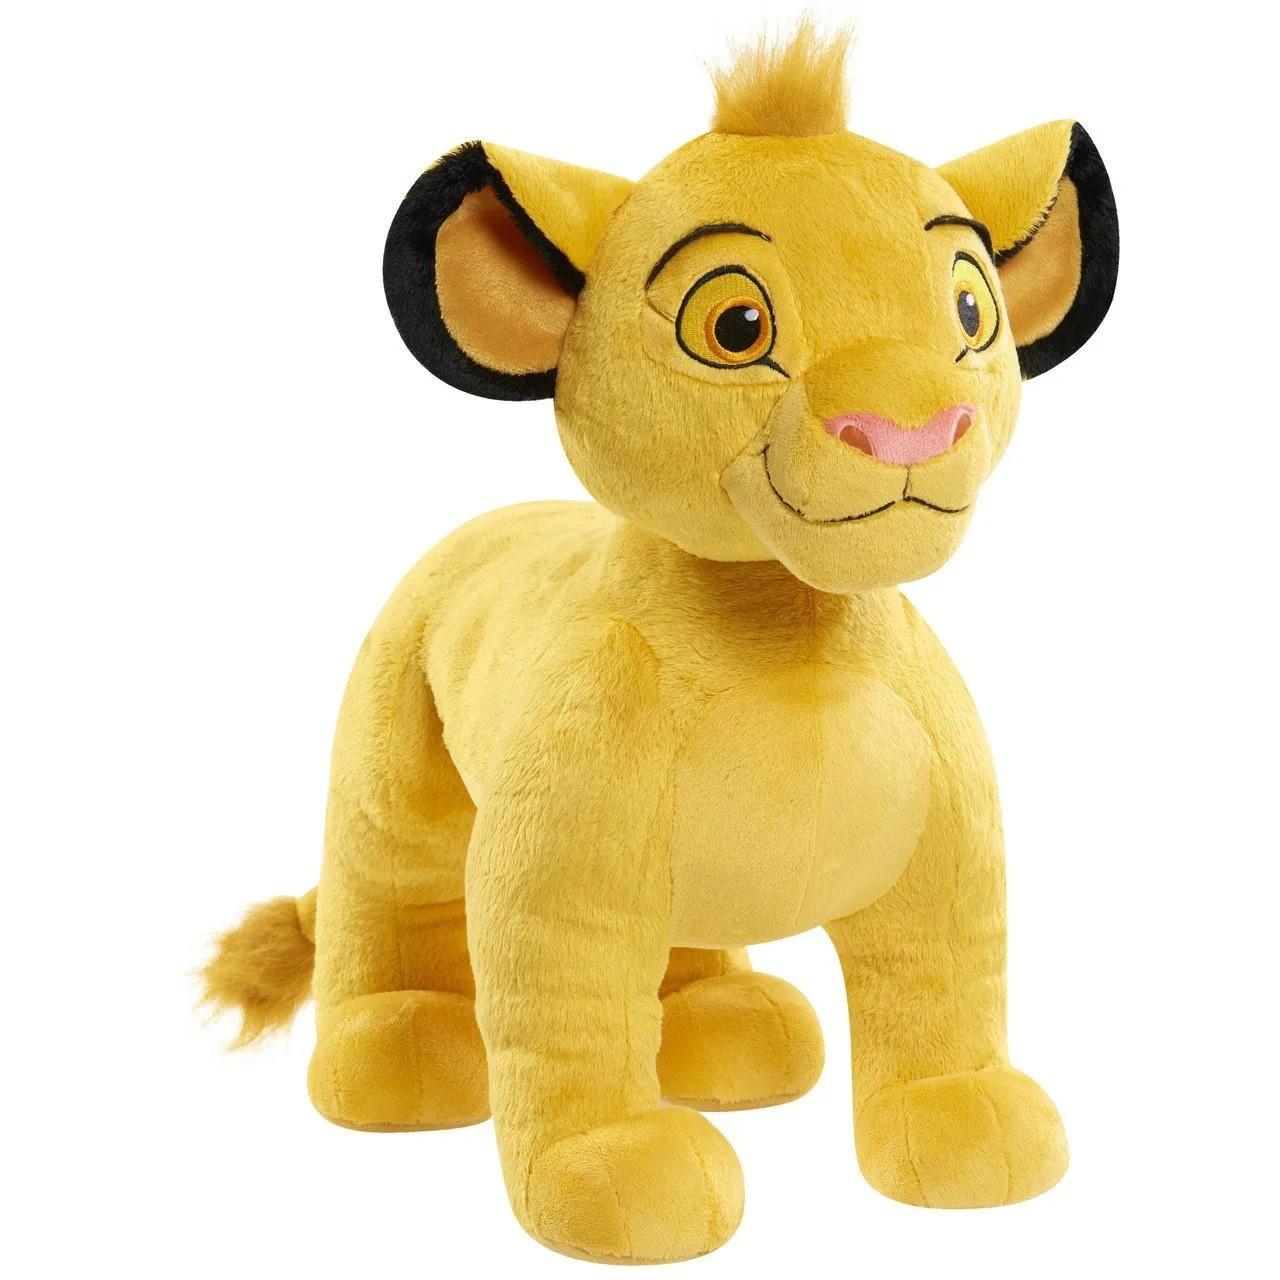 Pelúcia Simba: O Rei Leão (The Lion King) Média 35cm - Disney